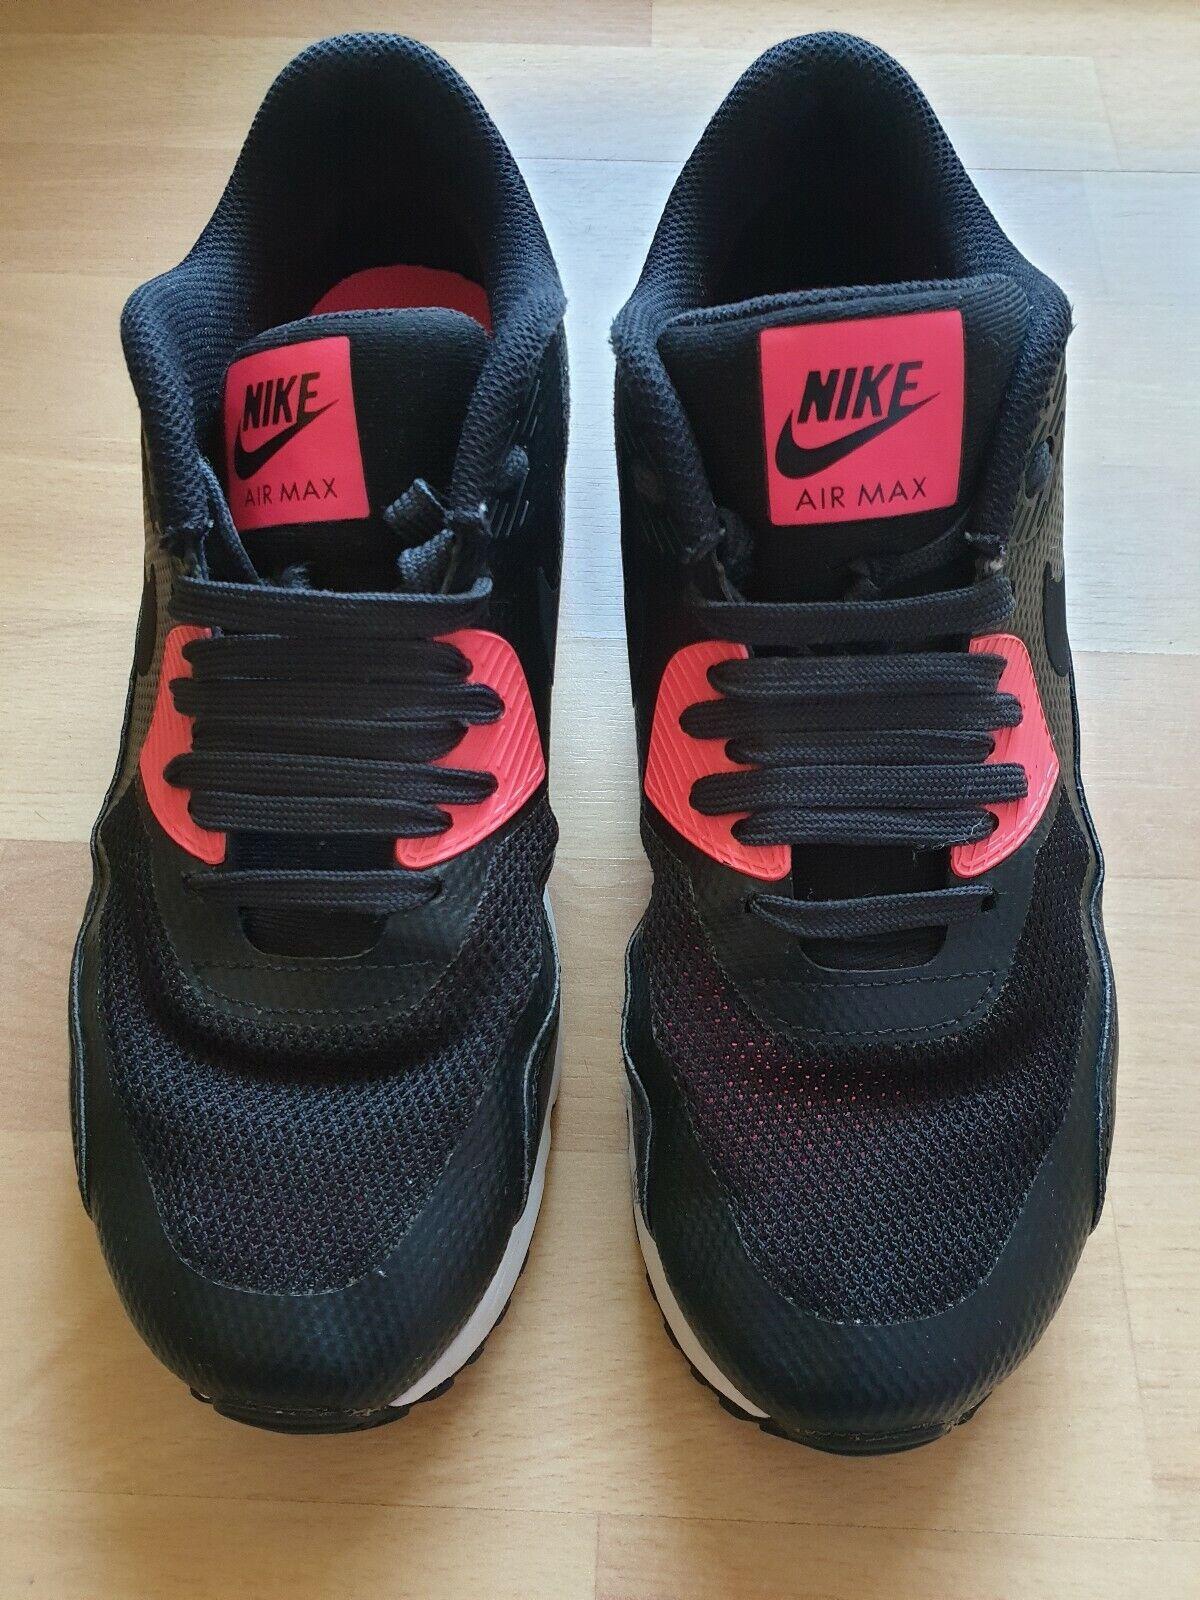 Nike Air Max 90 Helle farben